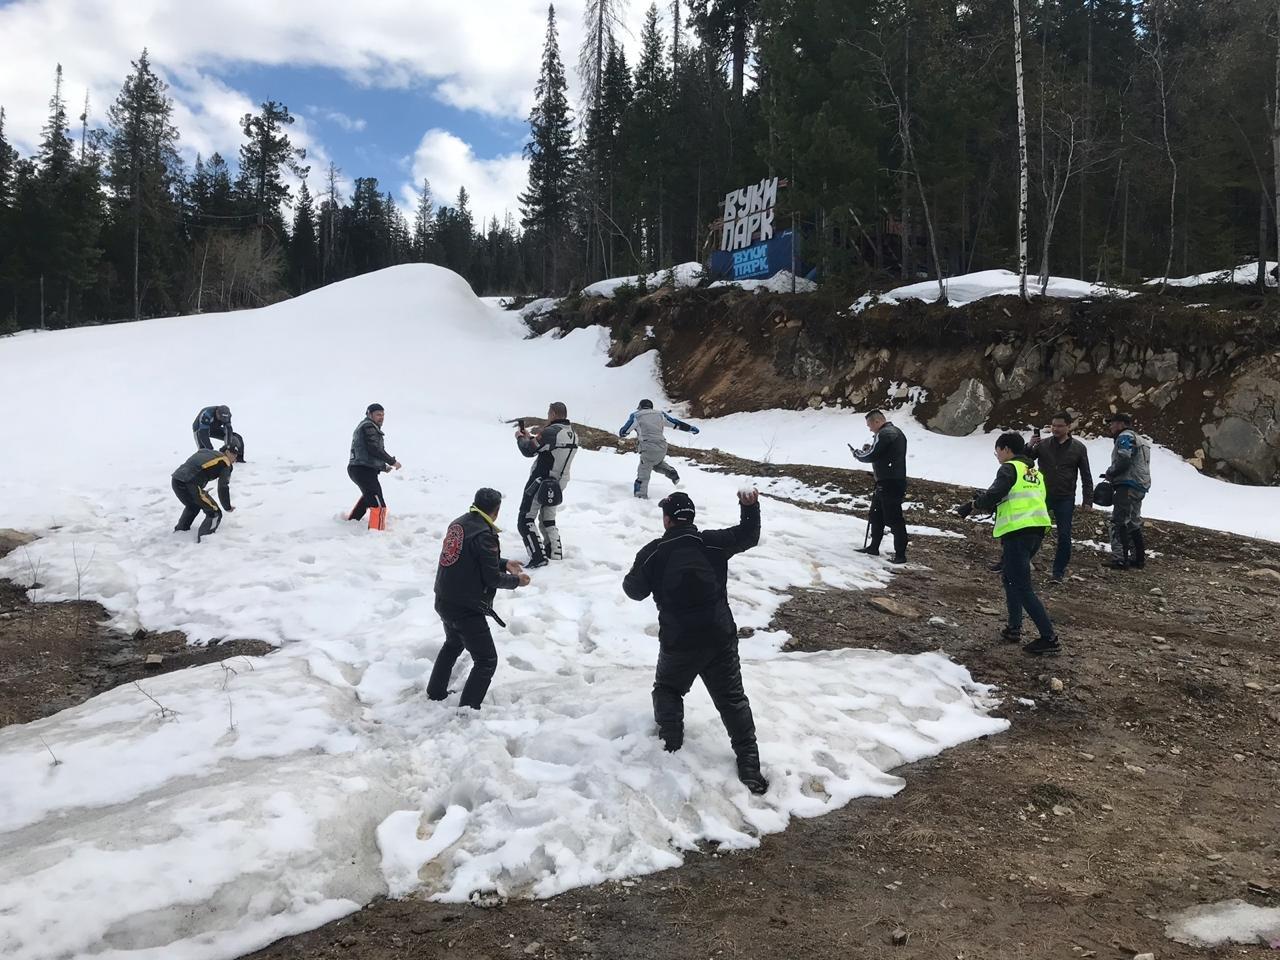 幾名中國騎手沒見過雪,所以我們就開始打雪仗。他們像孩子一樣嬉戲打鬧,之後對我們表示感謝。